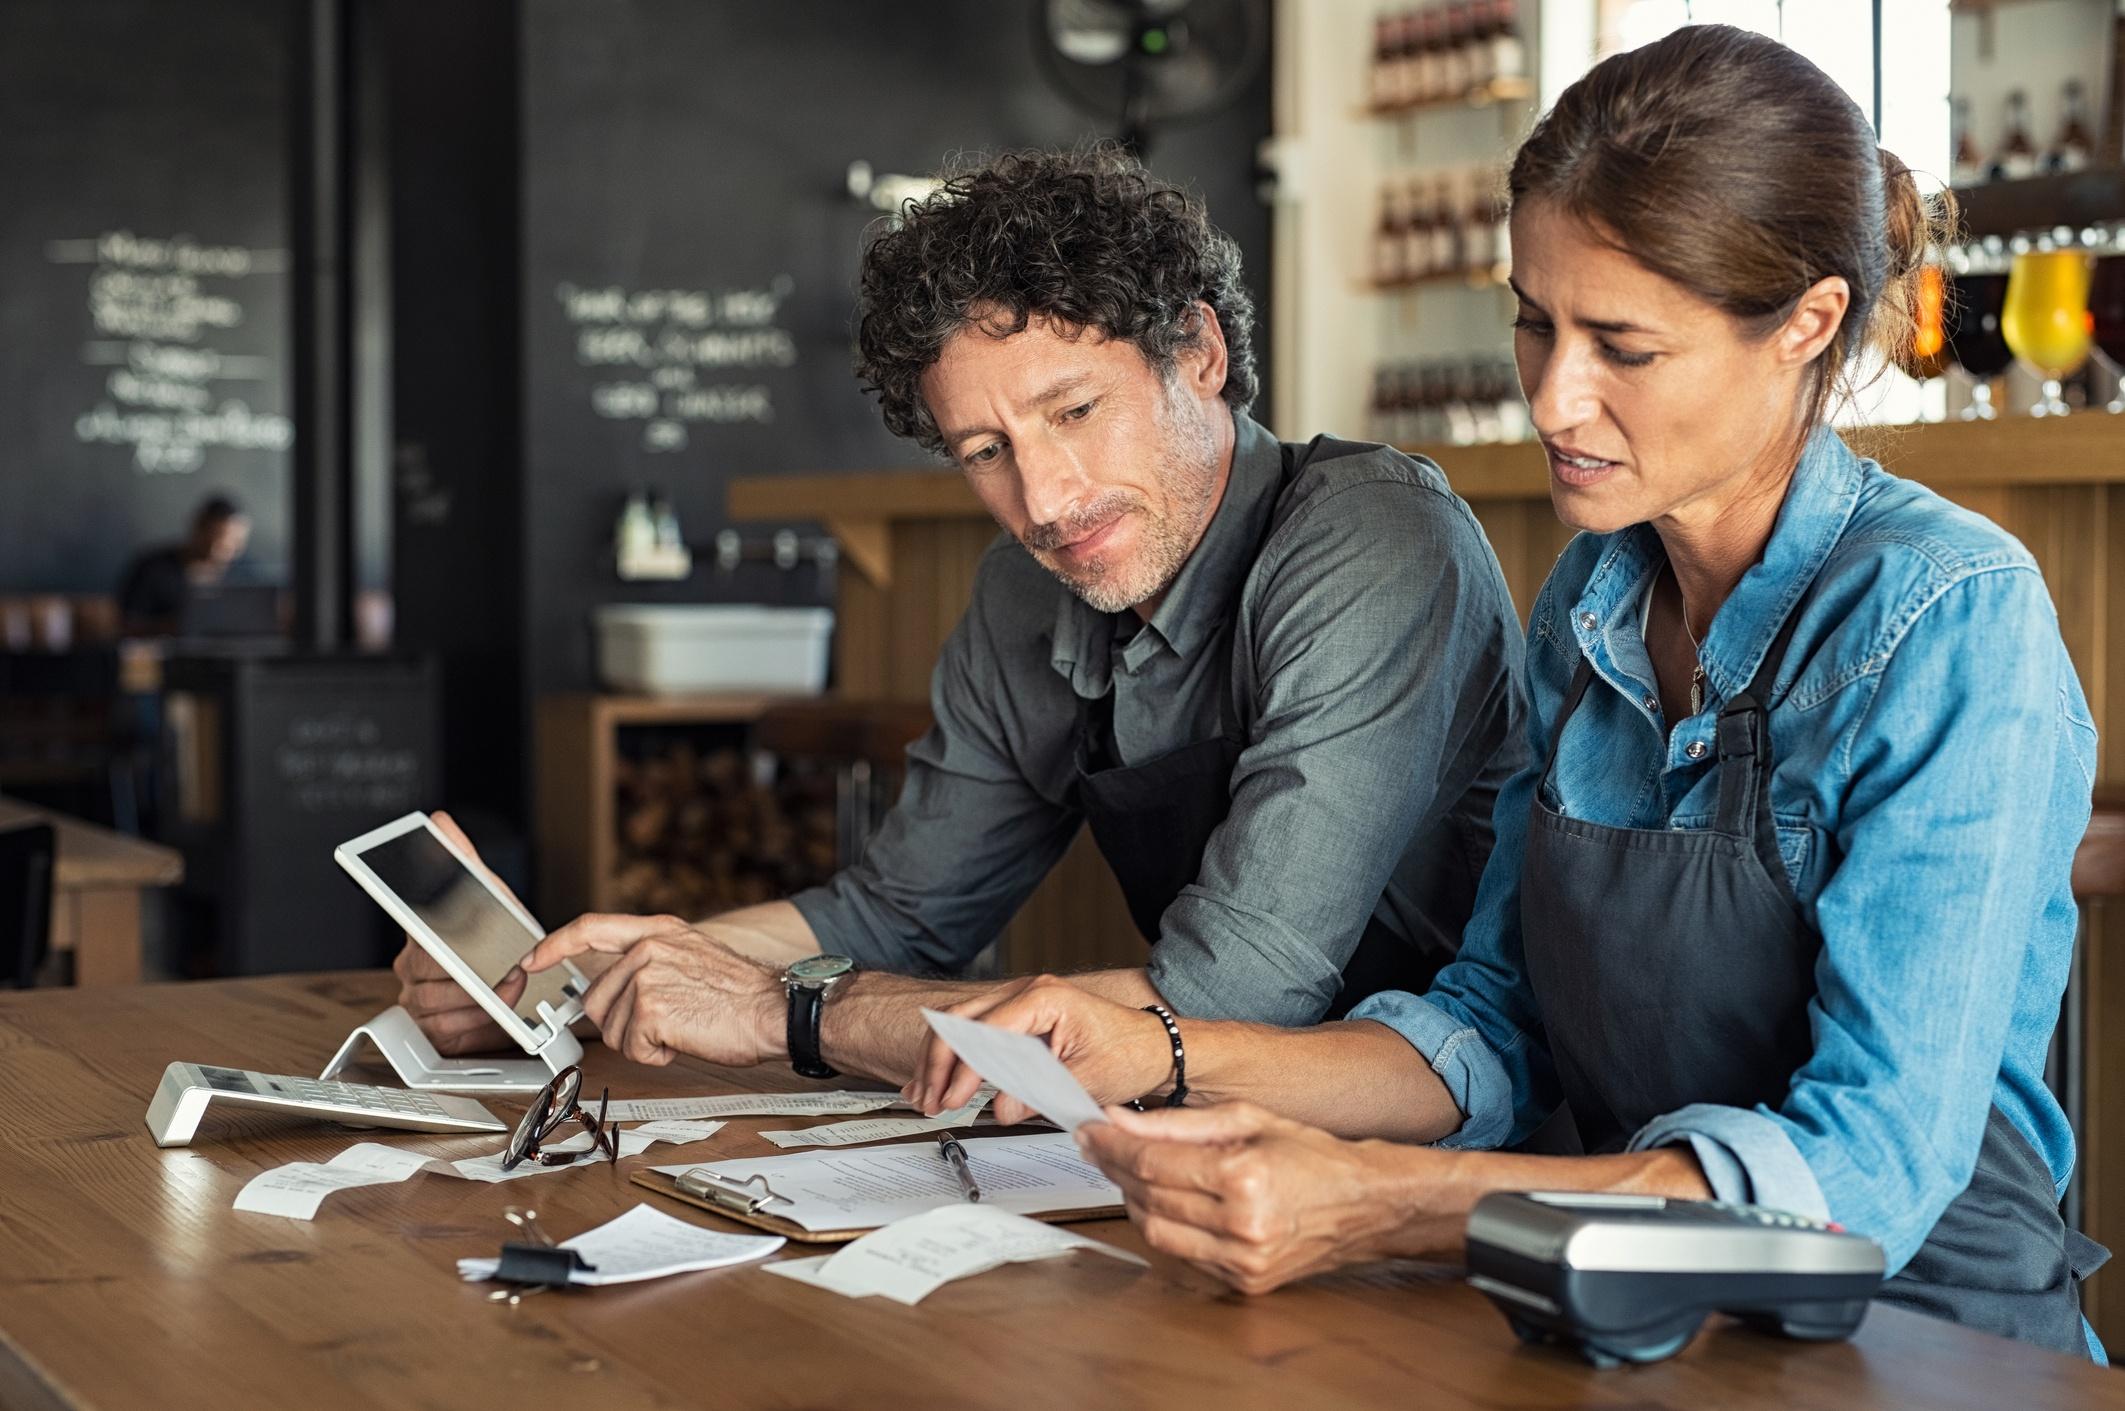 cinco-formas-de-tomar-decisiones-empresariales-mas-inteligentes